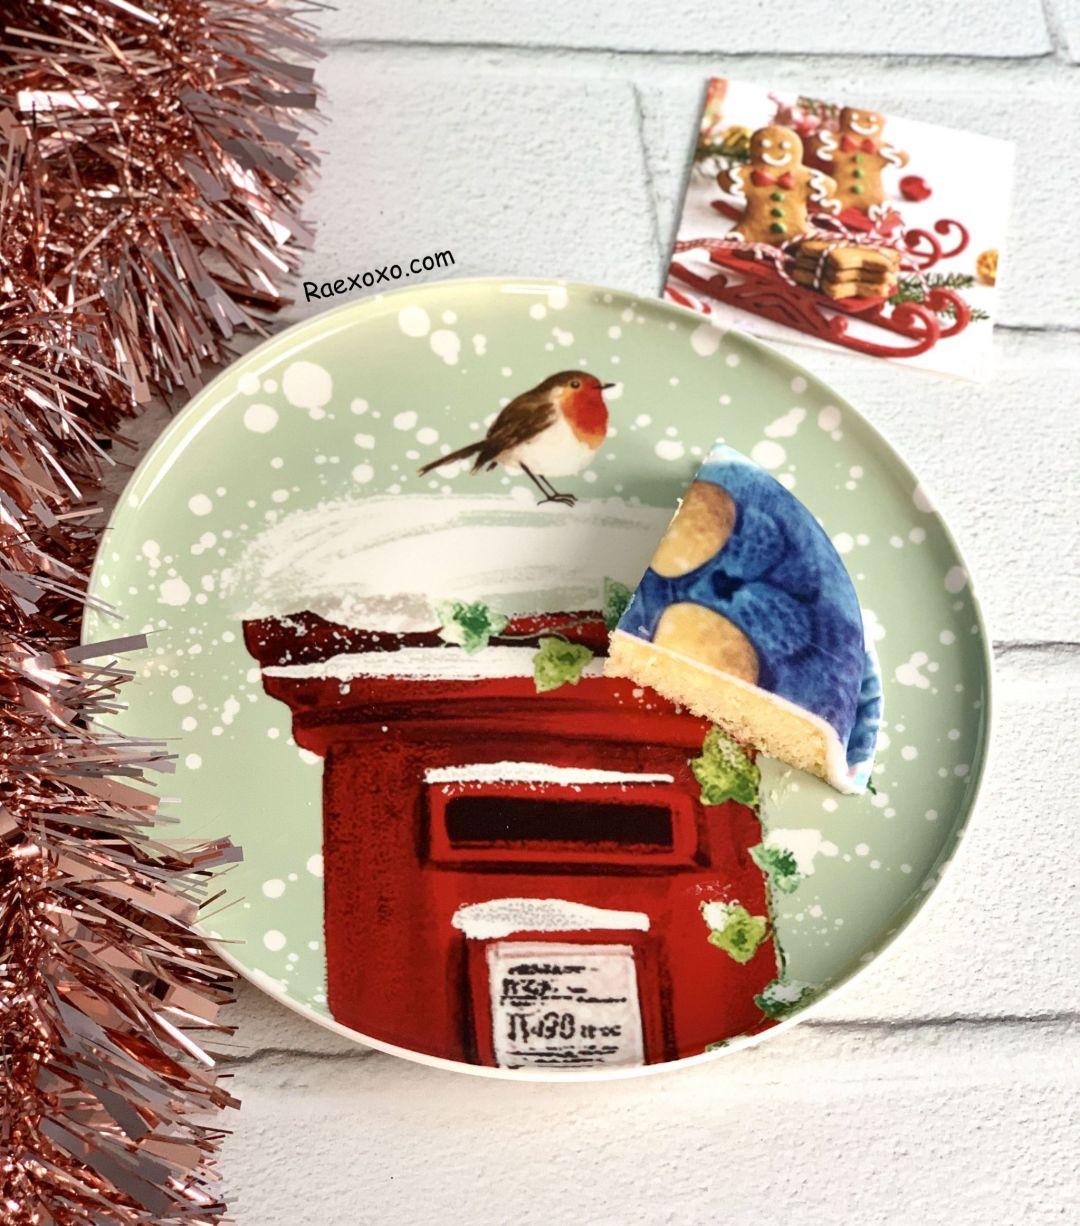 Bakerdays Christmas Cake